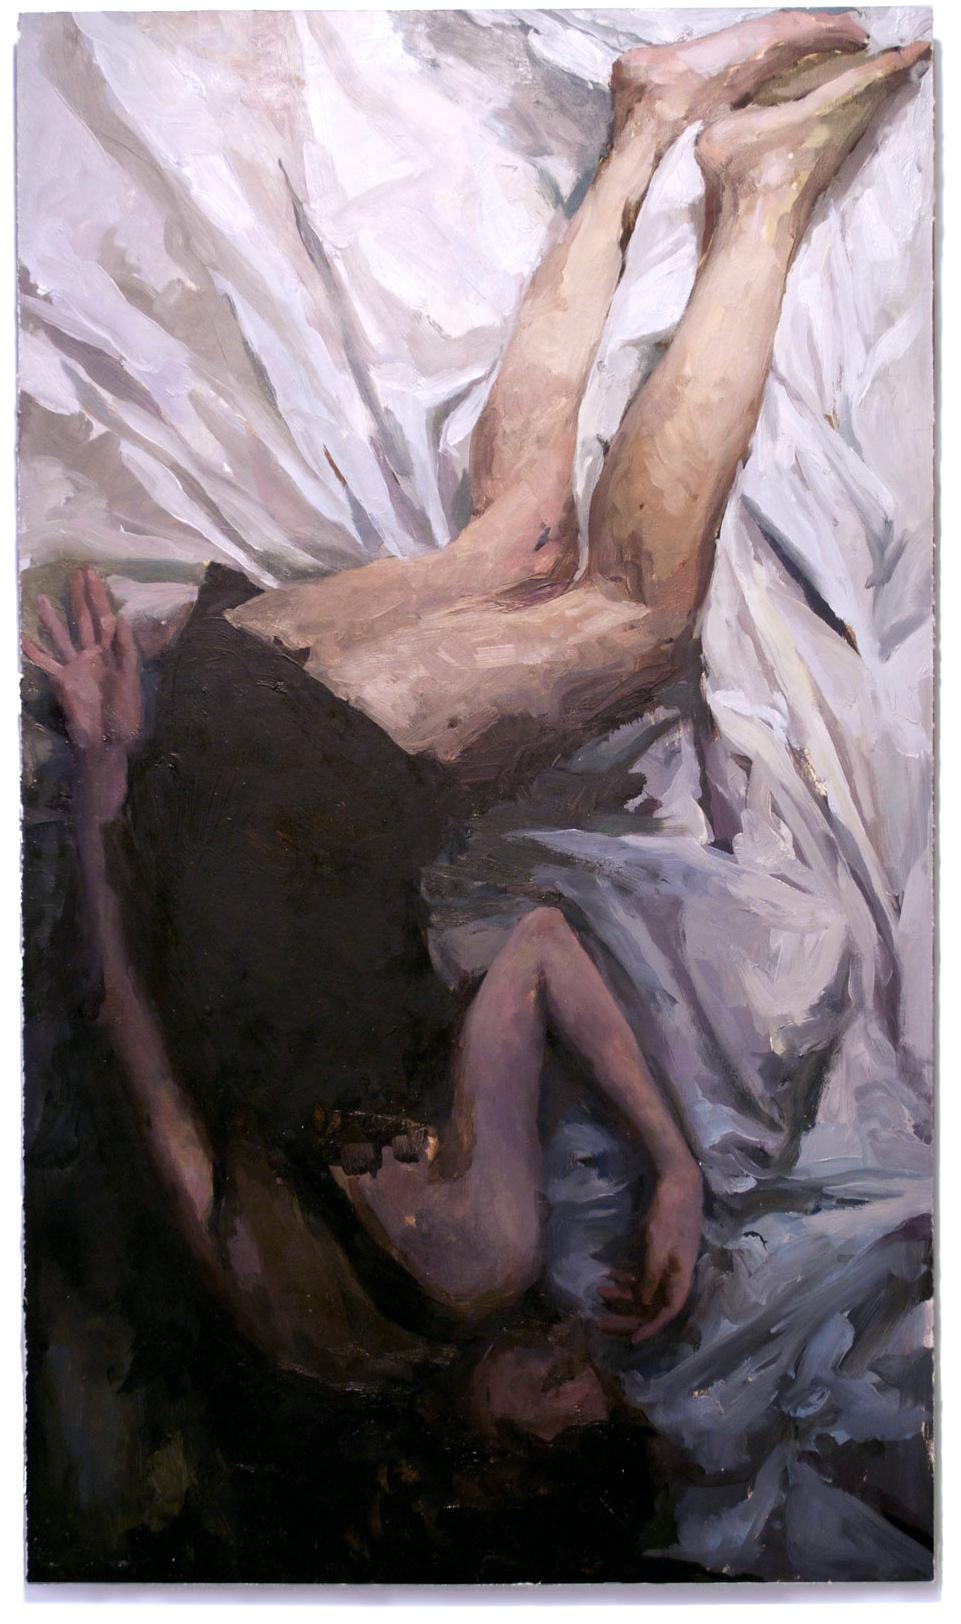 Sleeper , oil on board, 30x17in, 2012